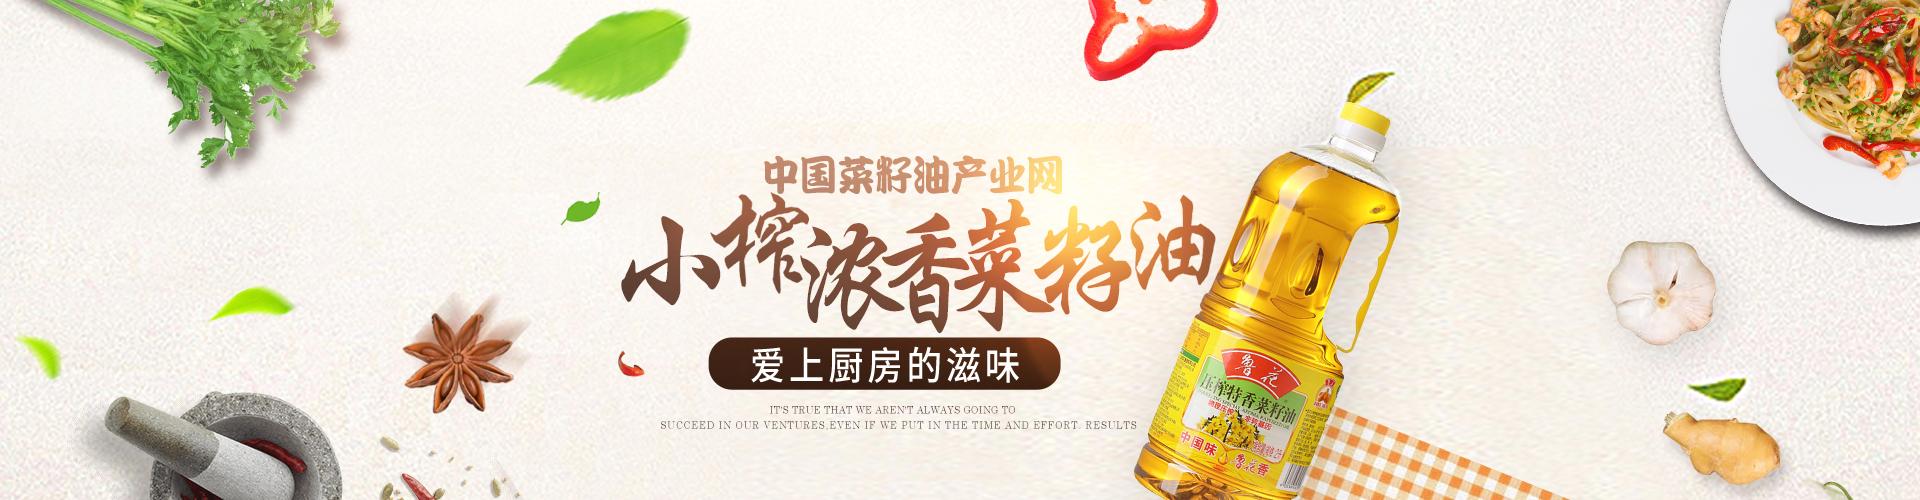 小榨浓香菜籽油